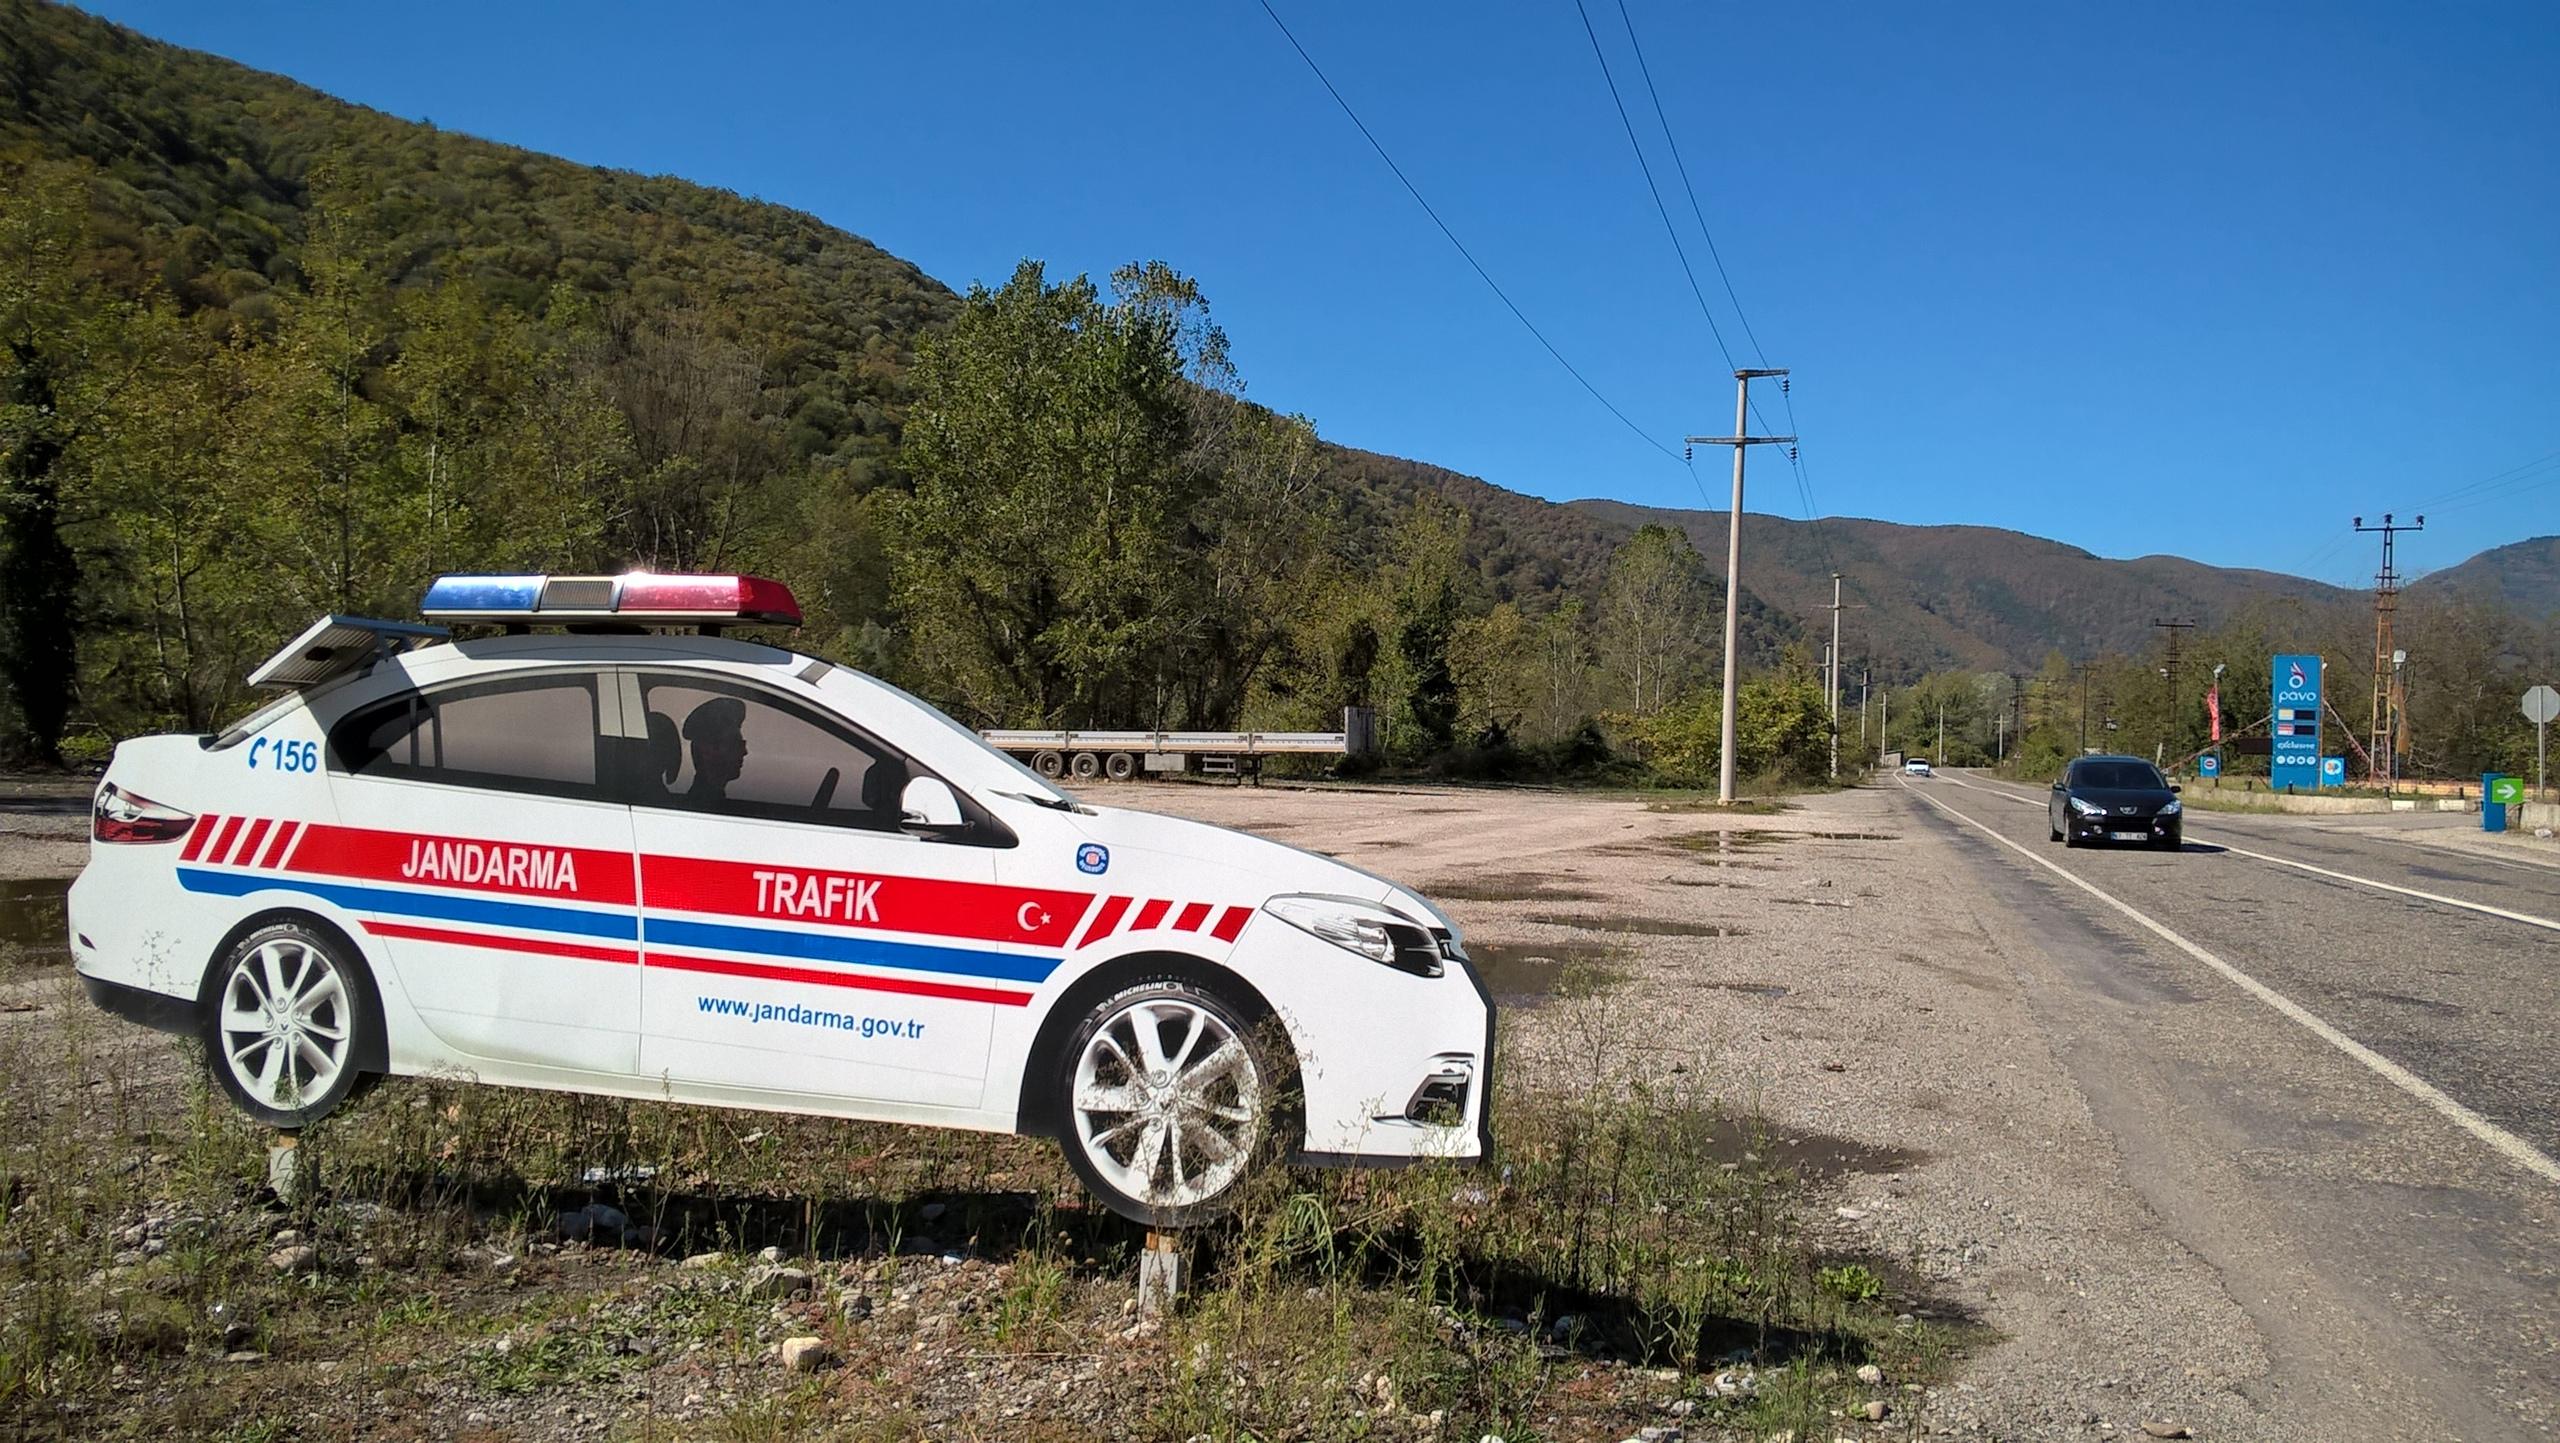 """""""жандарма трафик"""" -ГАИ на дорогах Турции"""